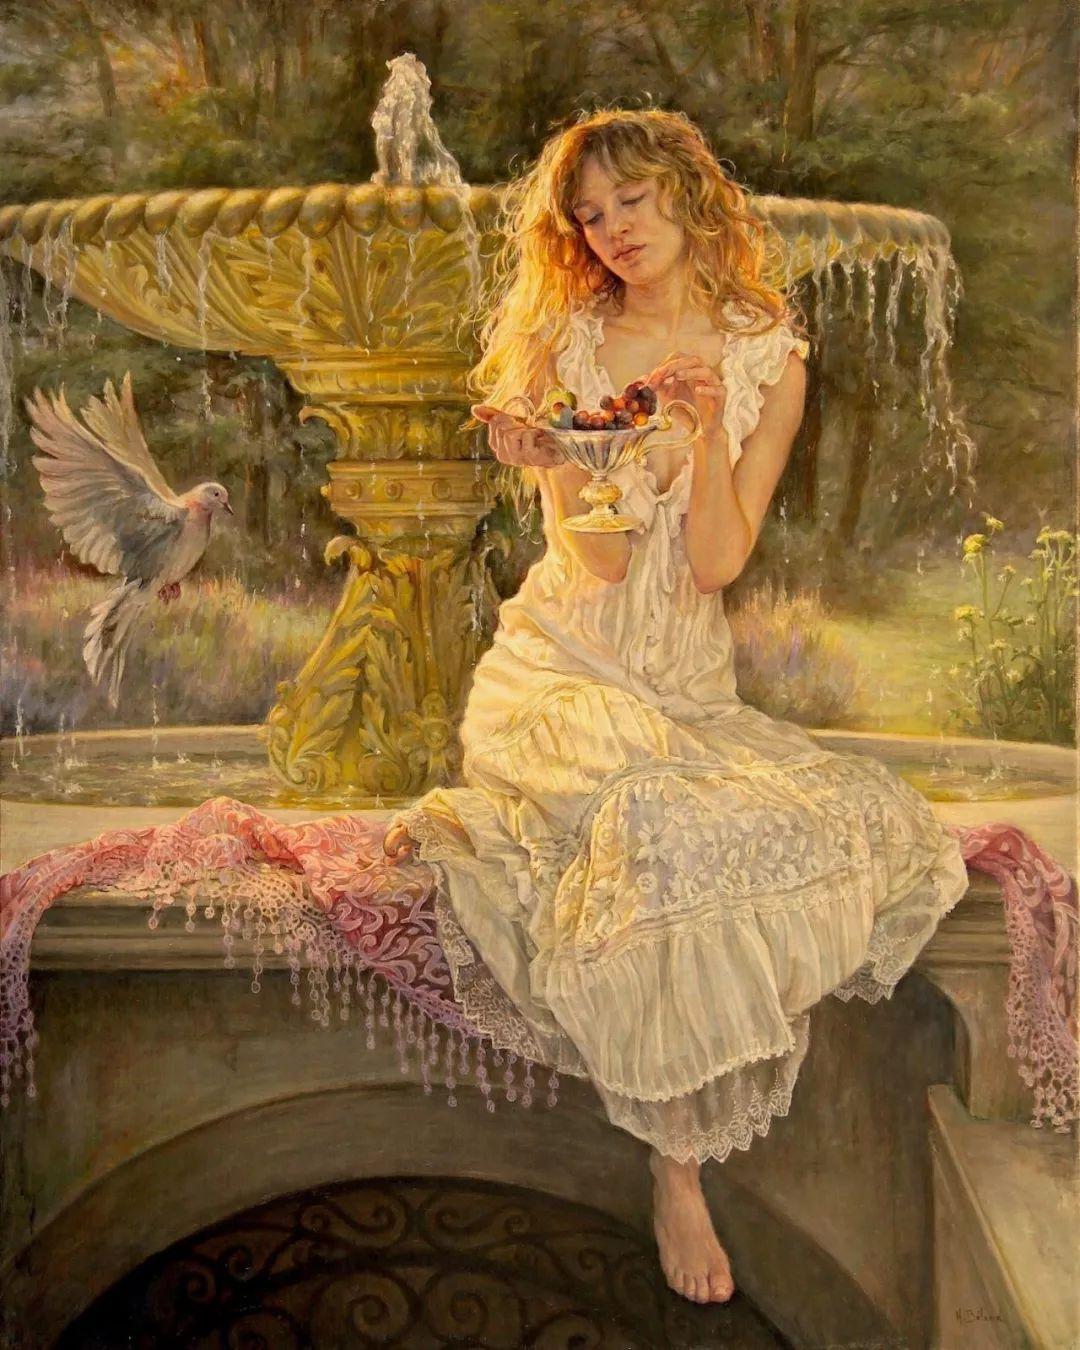 她的作品有一种沐浴阳光的暖感,加拿大画家海伦·贝兰德插图10